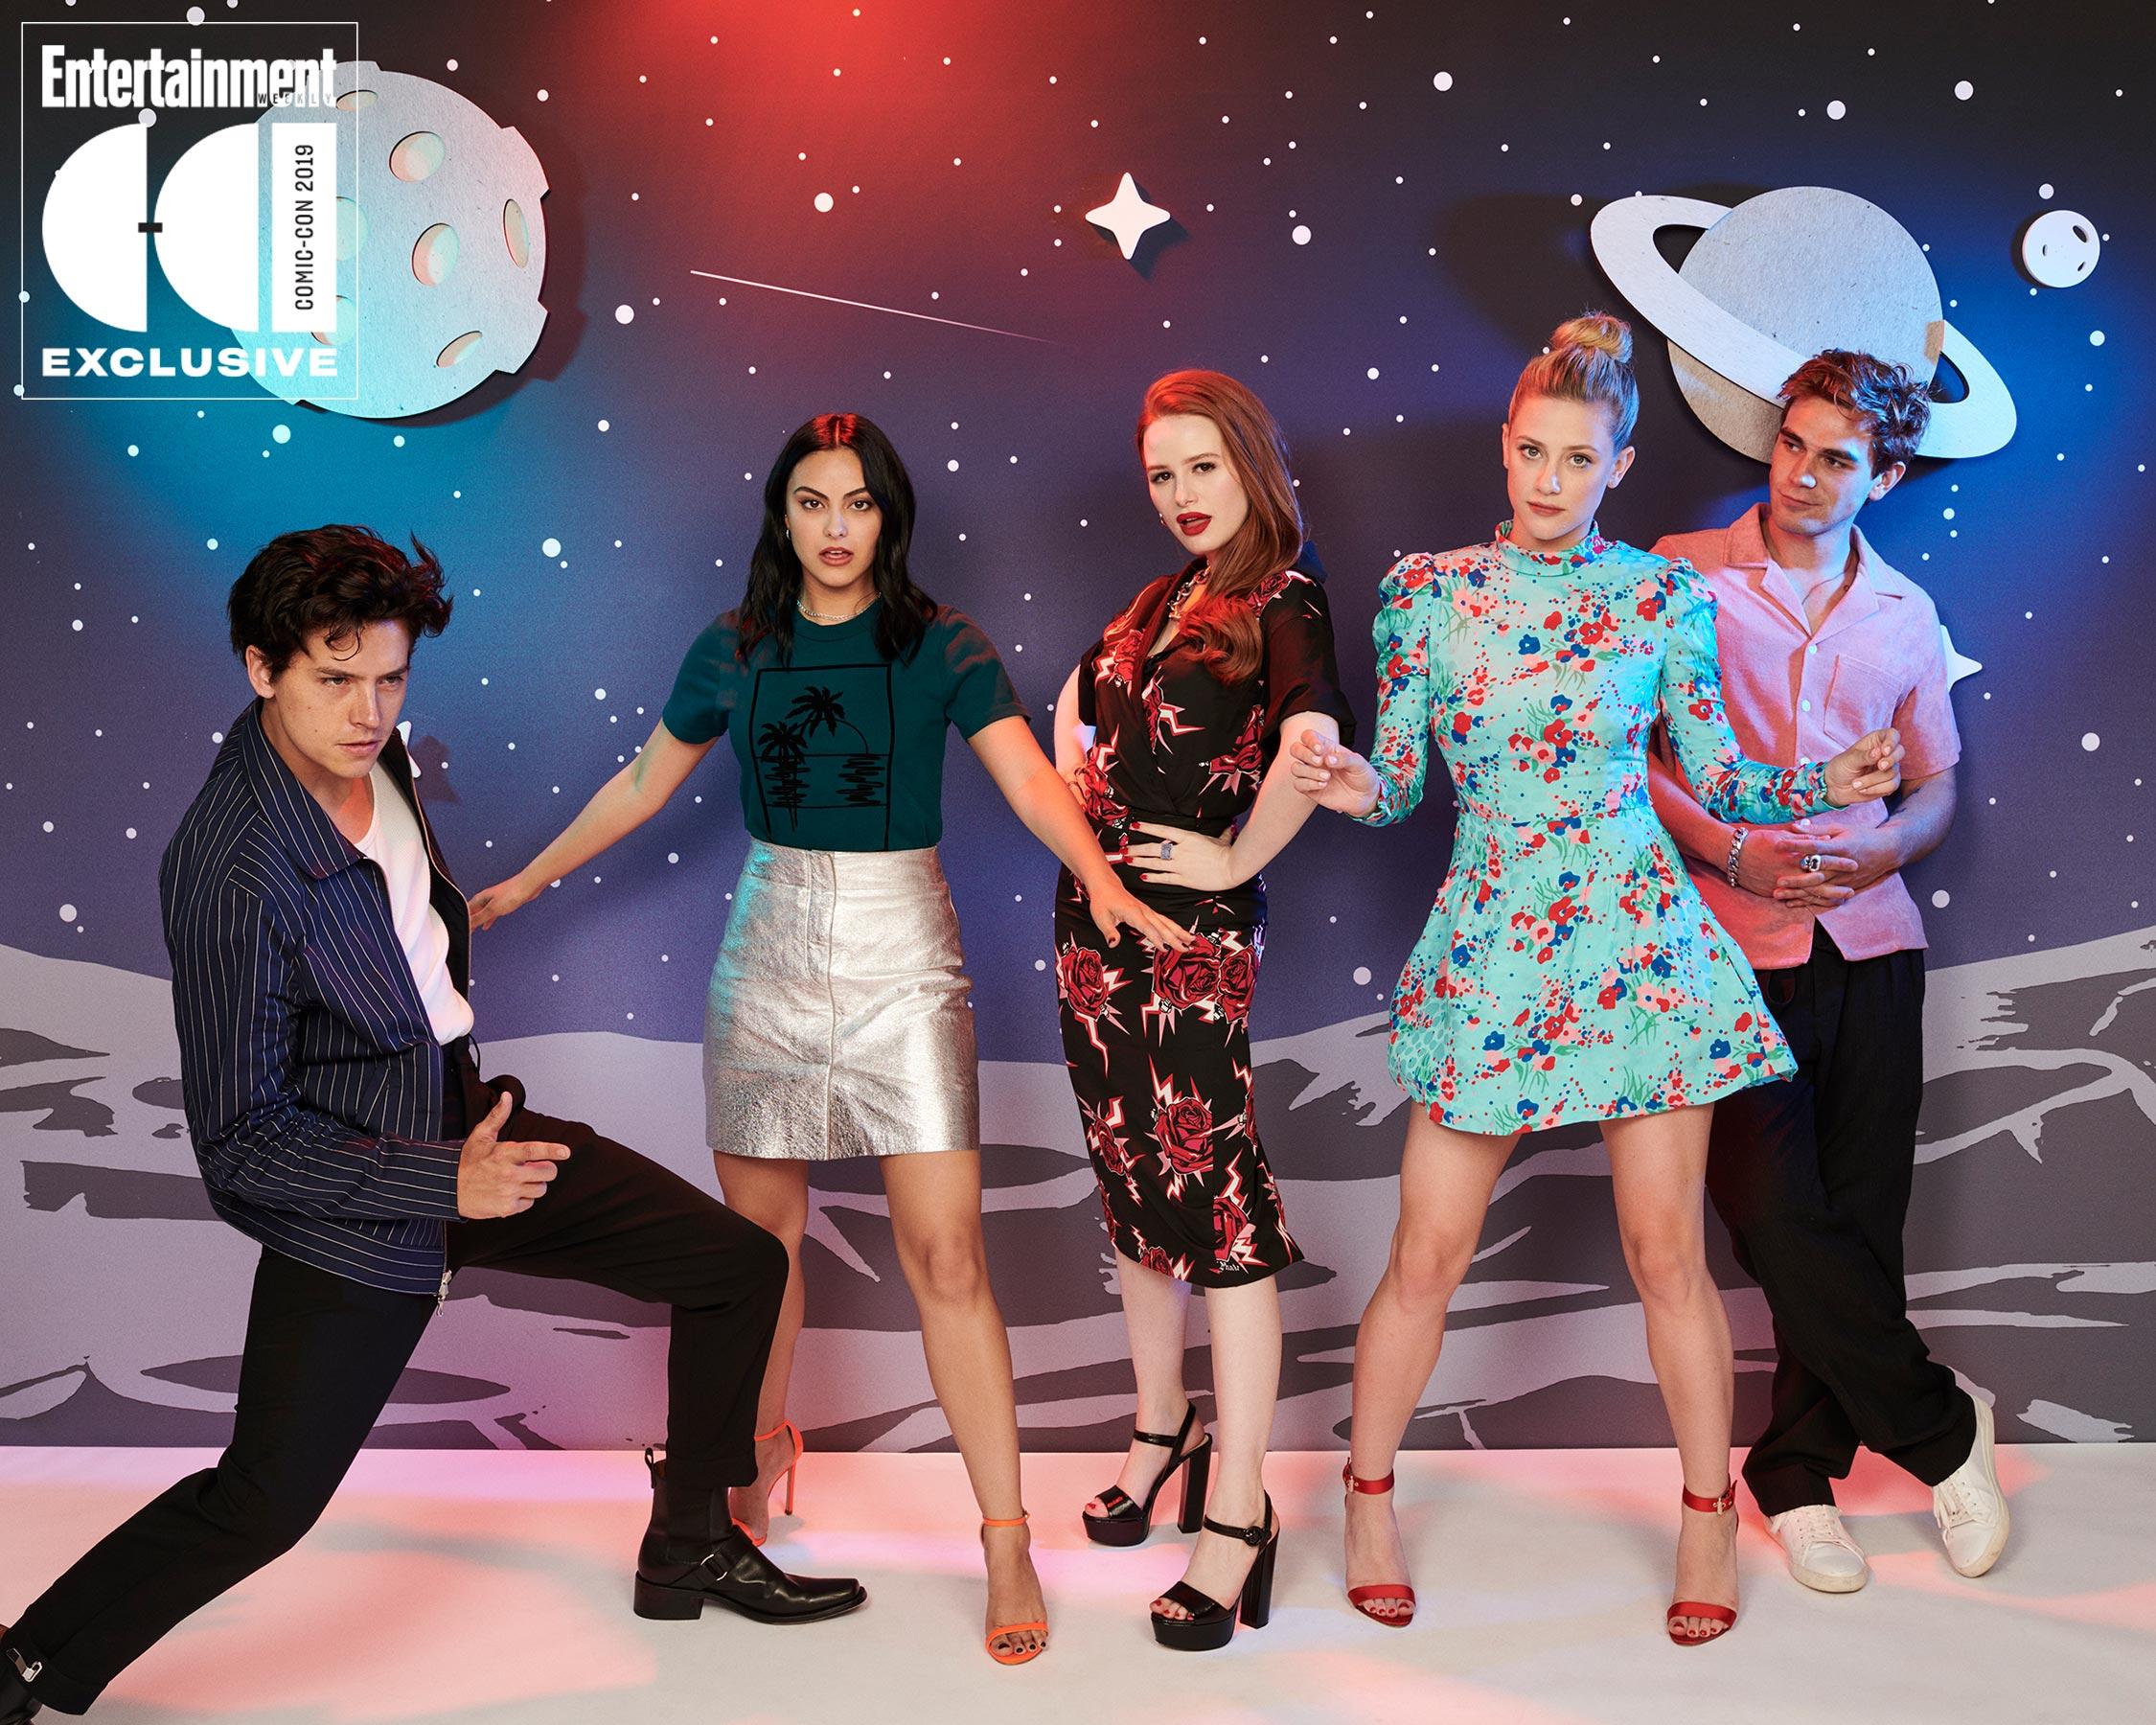 'Riverdale' Cast ~ Entertainment Weekly Comic Con Portrait